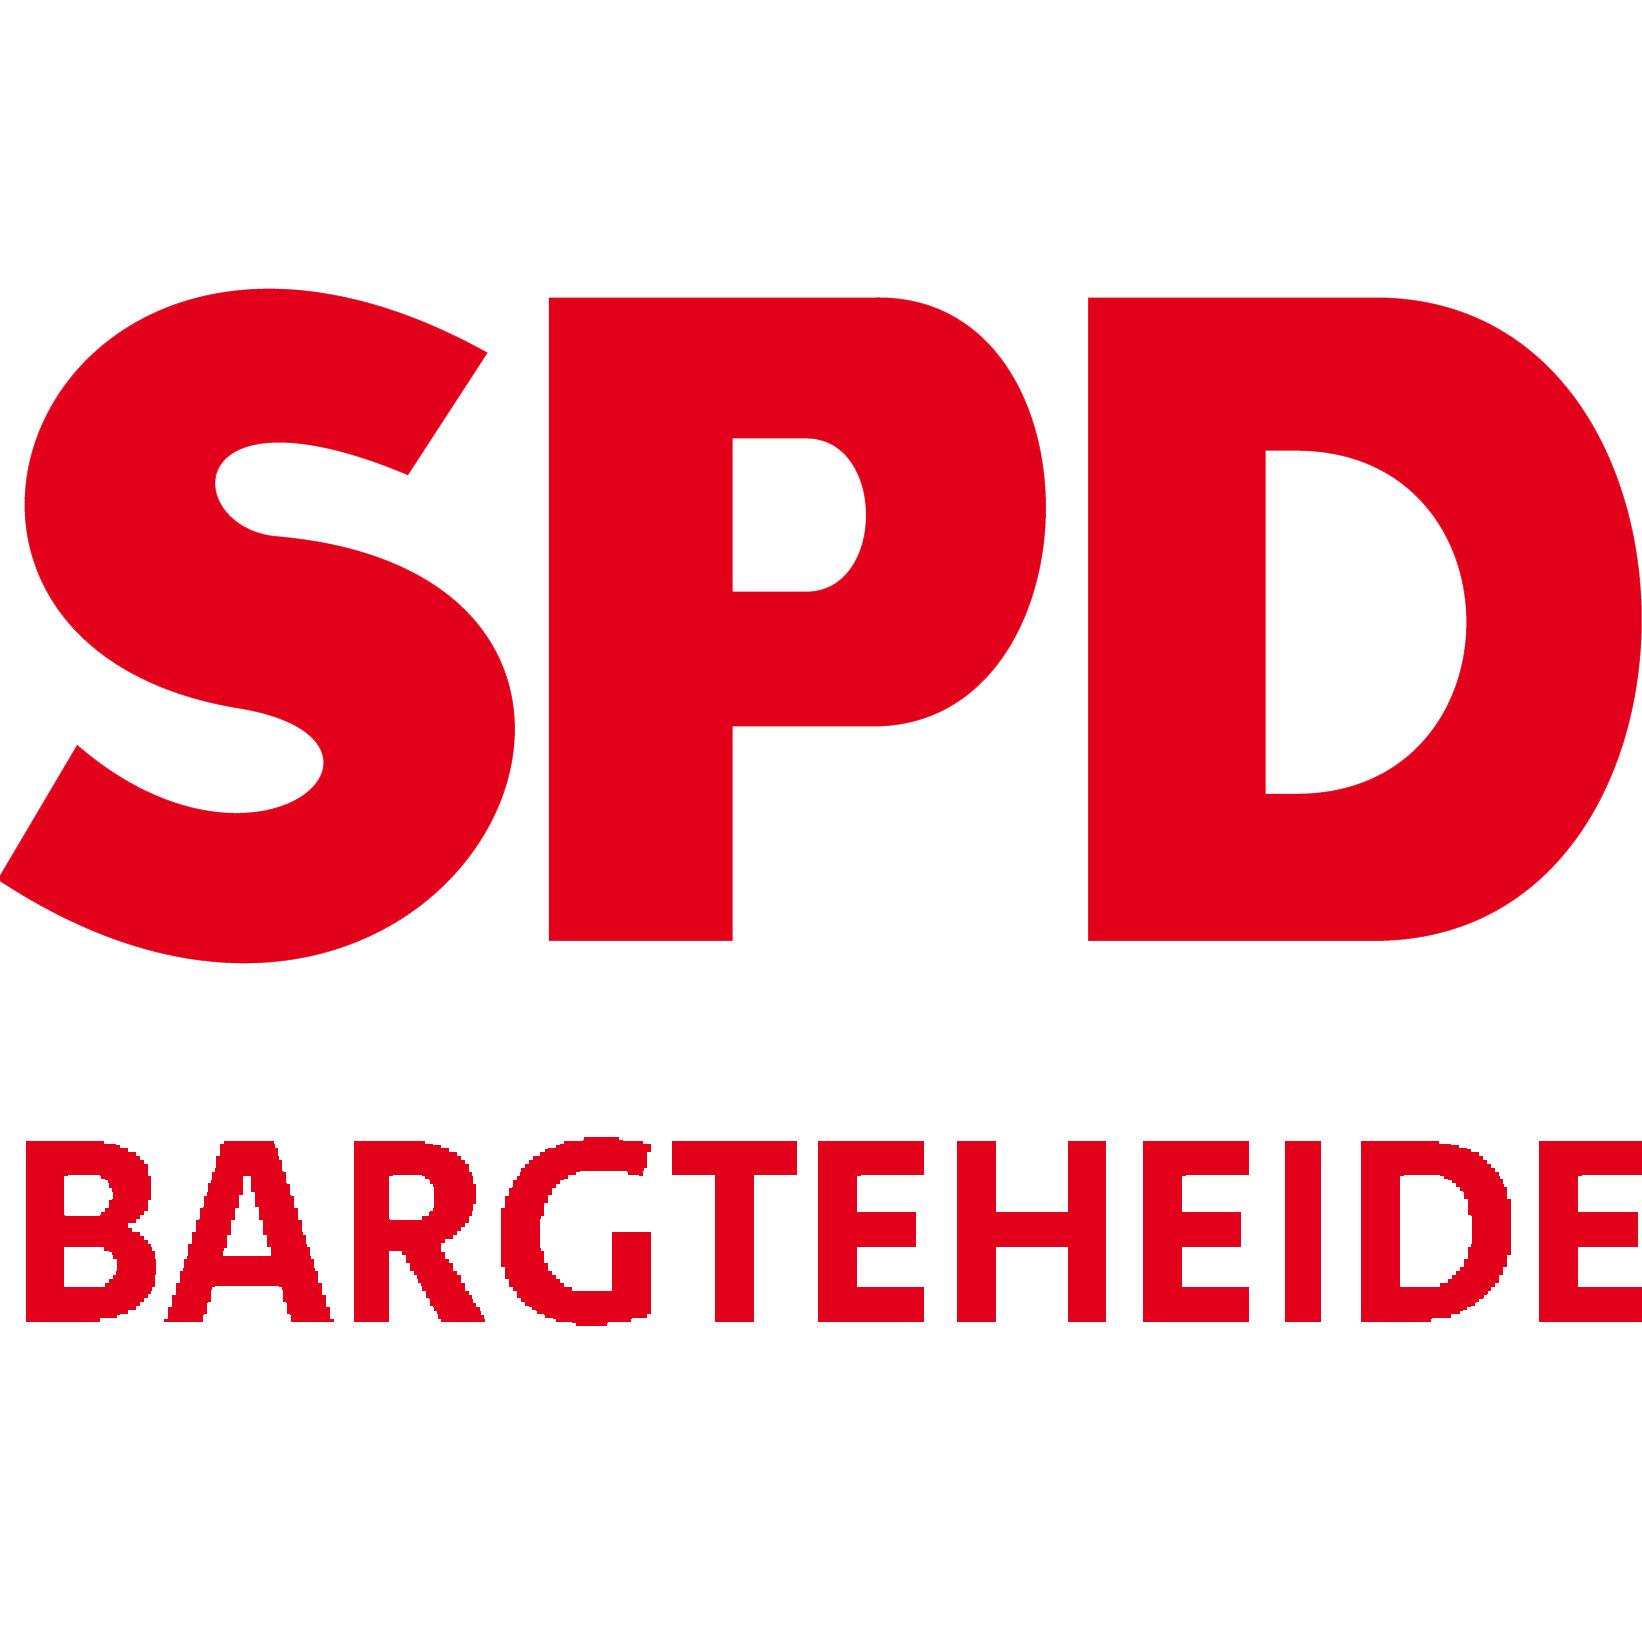 SPD Bargteheide - CDU, FDP & WfB blockieren Umweltschutz und fairen Handel